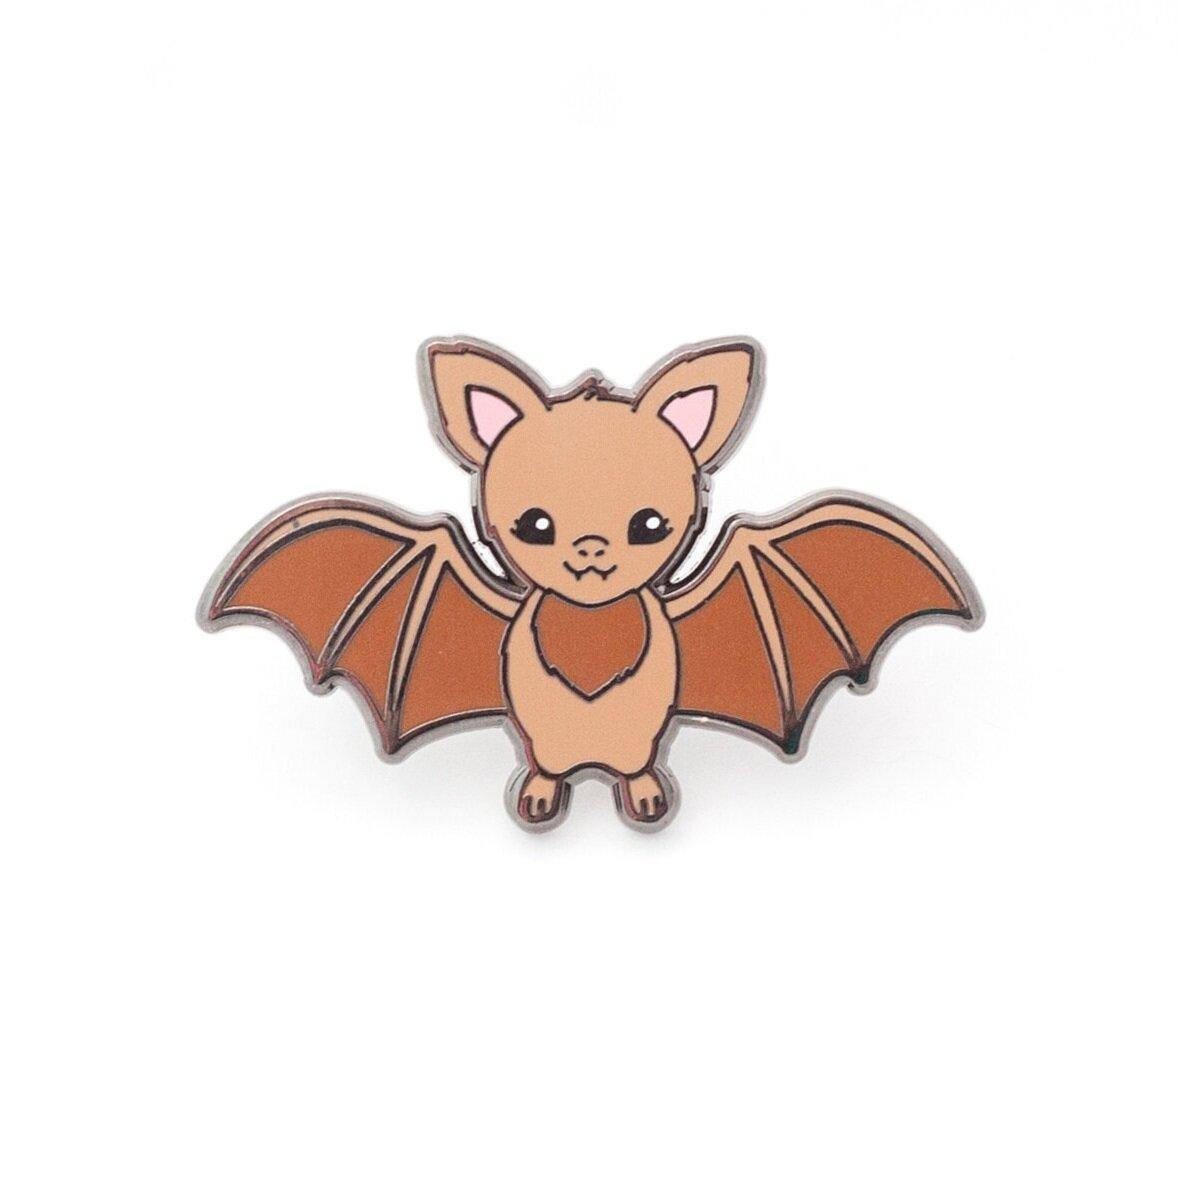 P24 - Bat Pin - Brown